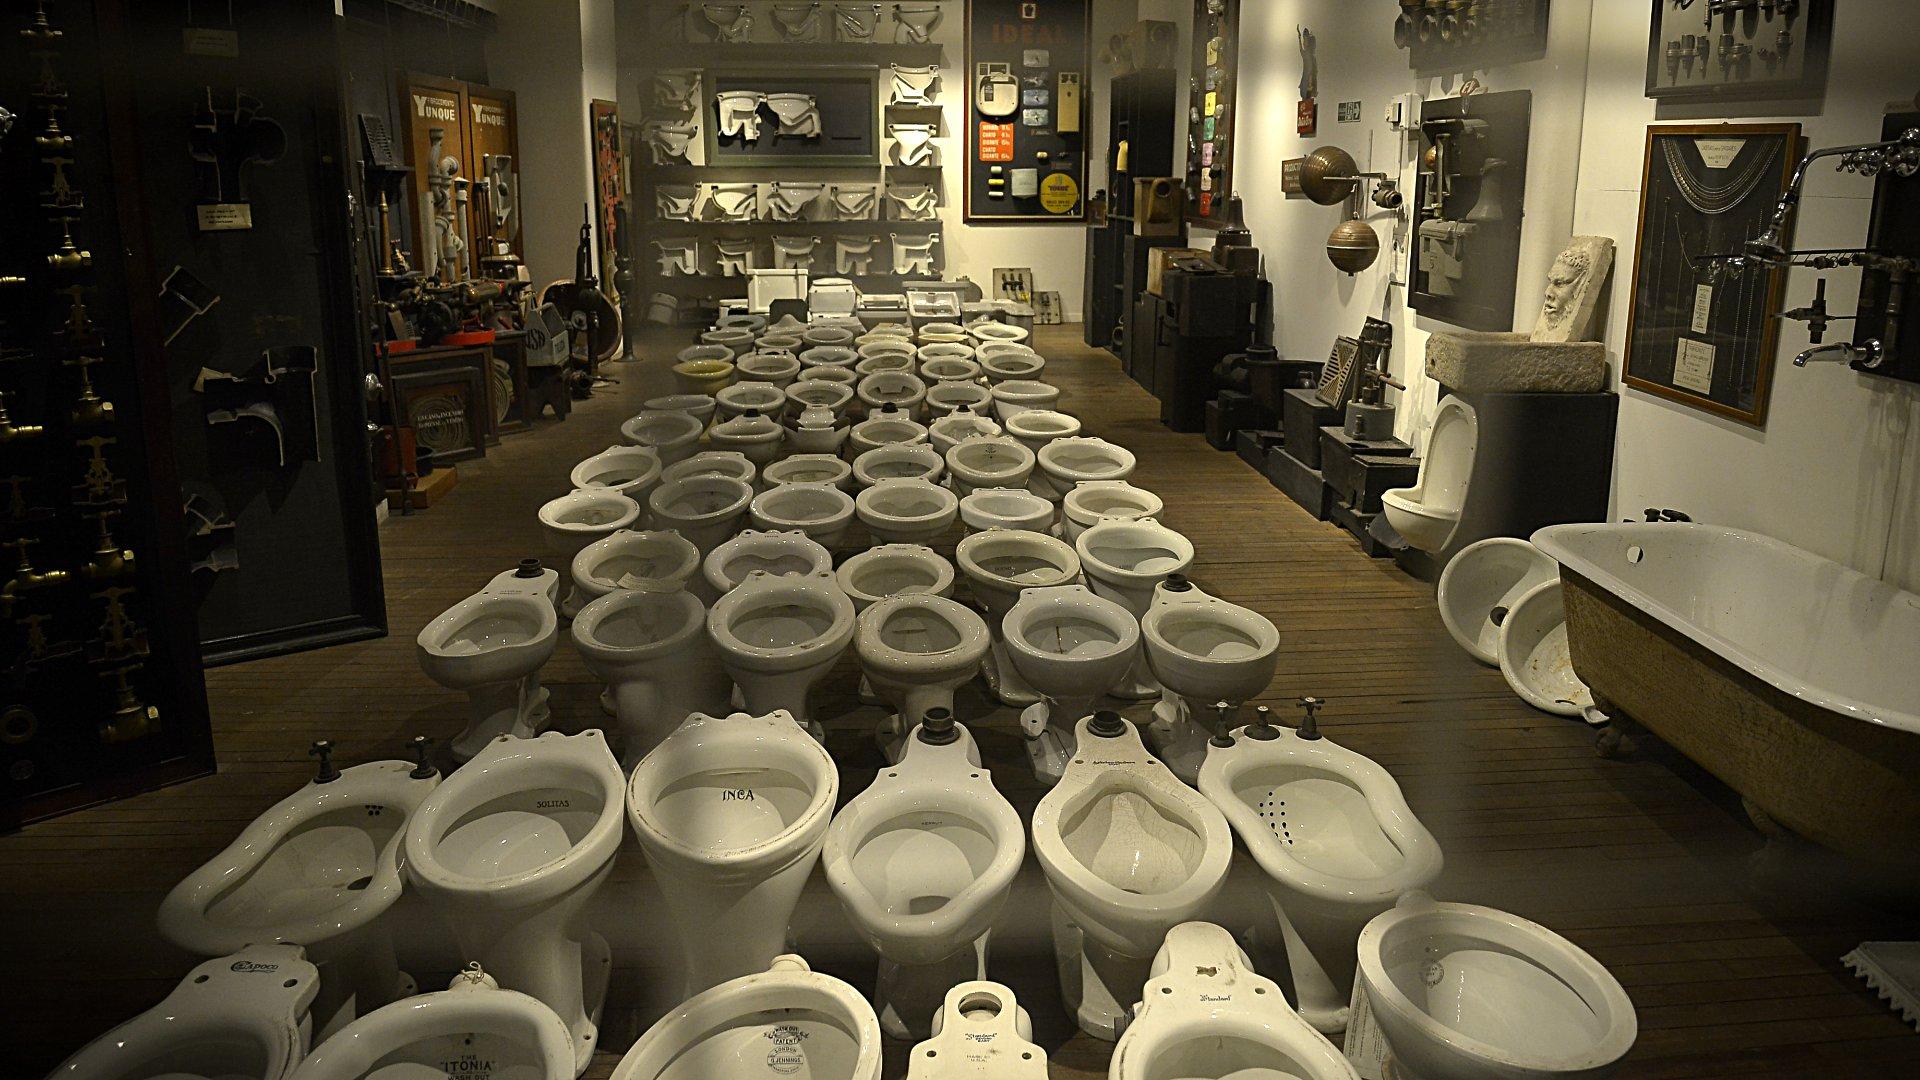 Un ambiente donde los nuevos y viejos modelos de videt, inodoros, bañeras y griferías